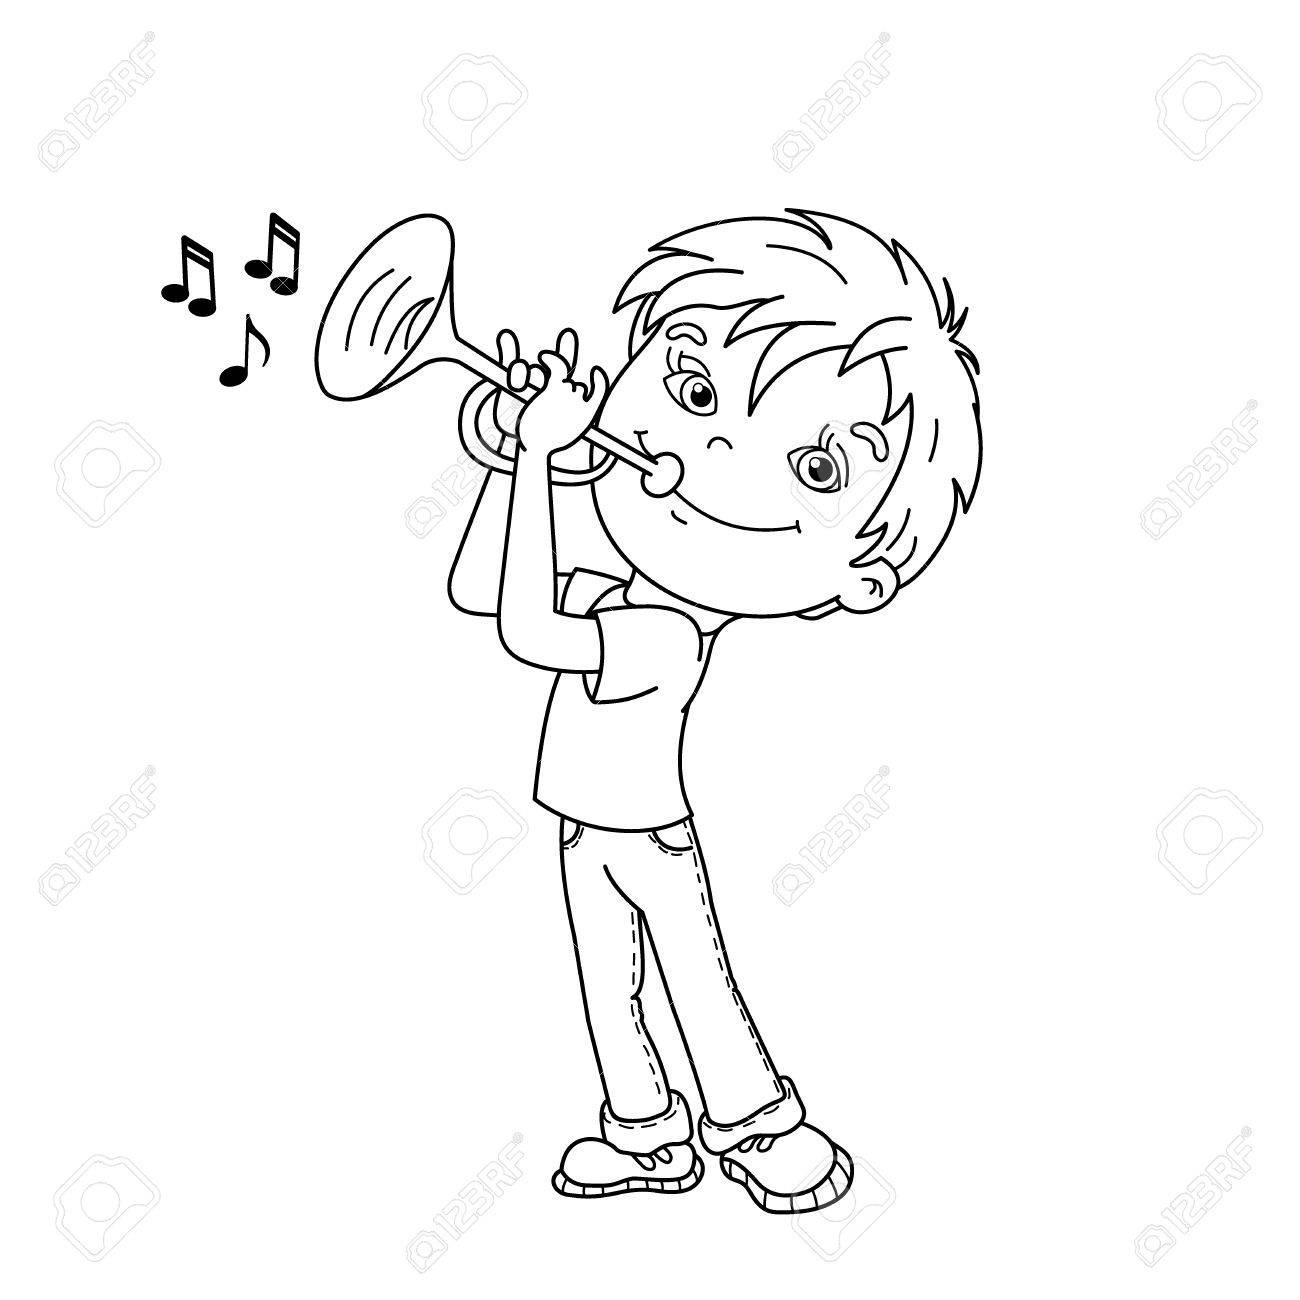 Coloring Page Outline Of Cartoon Garçon Jouant De La Trompette. Instruments  De Musique. Livre À Colorier Pour Les Enfants à Trompette À Colorier